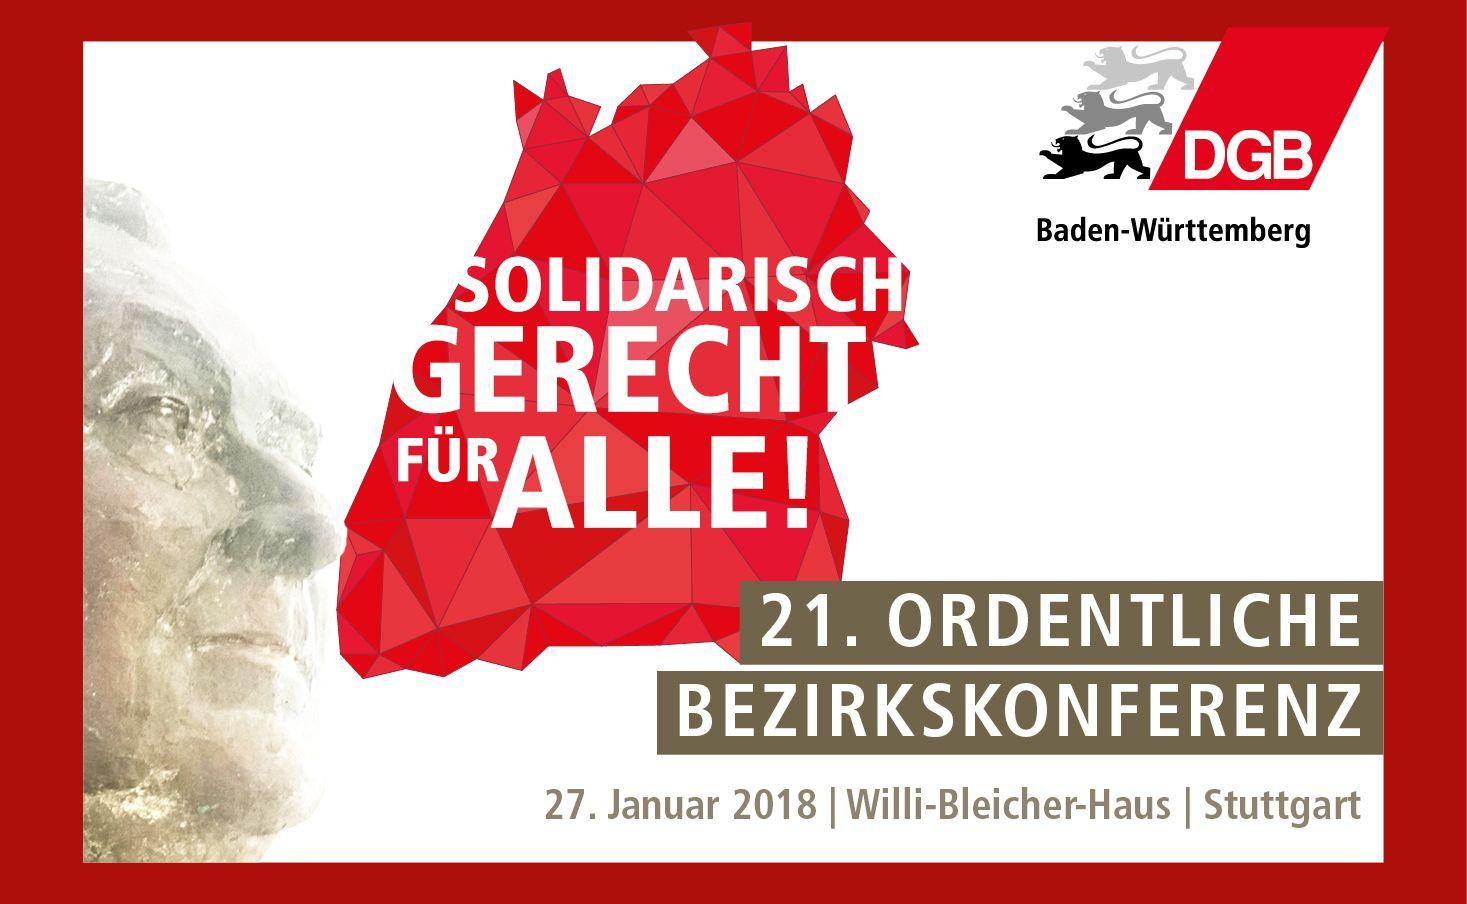 21. ord. DGB-Bezirkskonferenz 27.1.2018